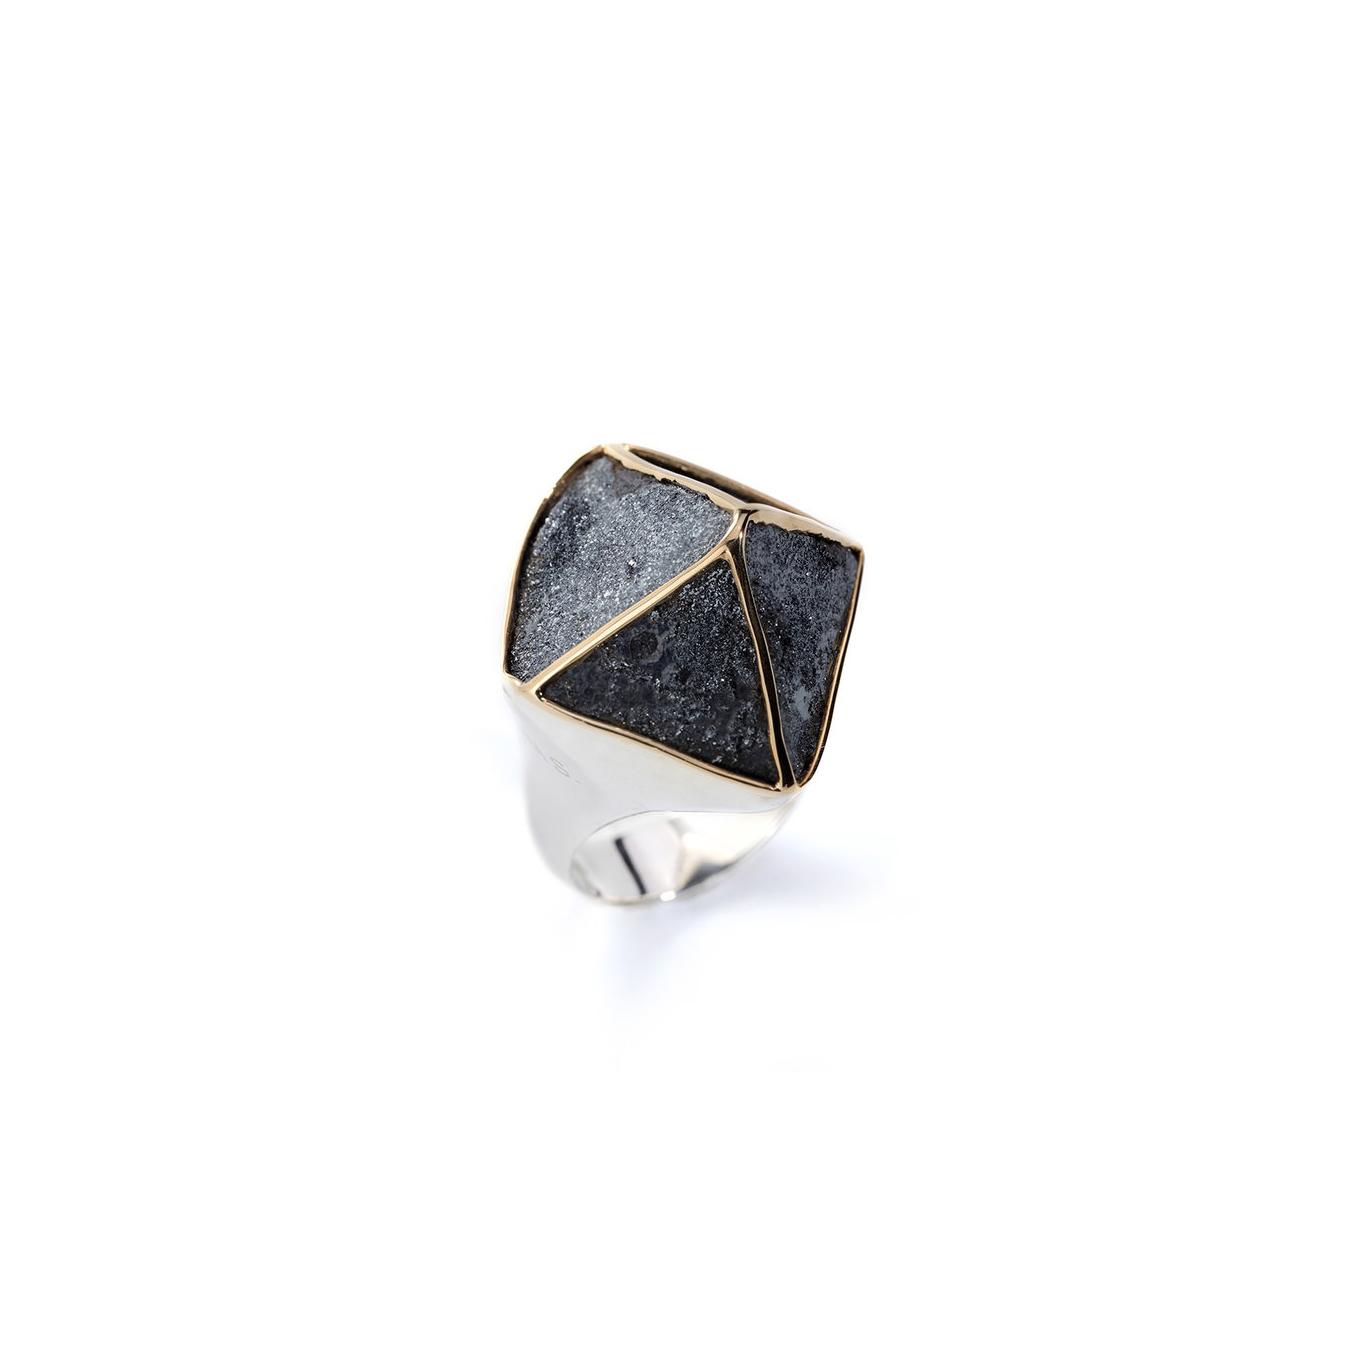 阿根廷磁铁矿/赤铁矿,18k黄金戒托,925银镀18k白金戒指